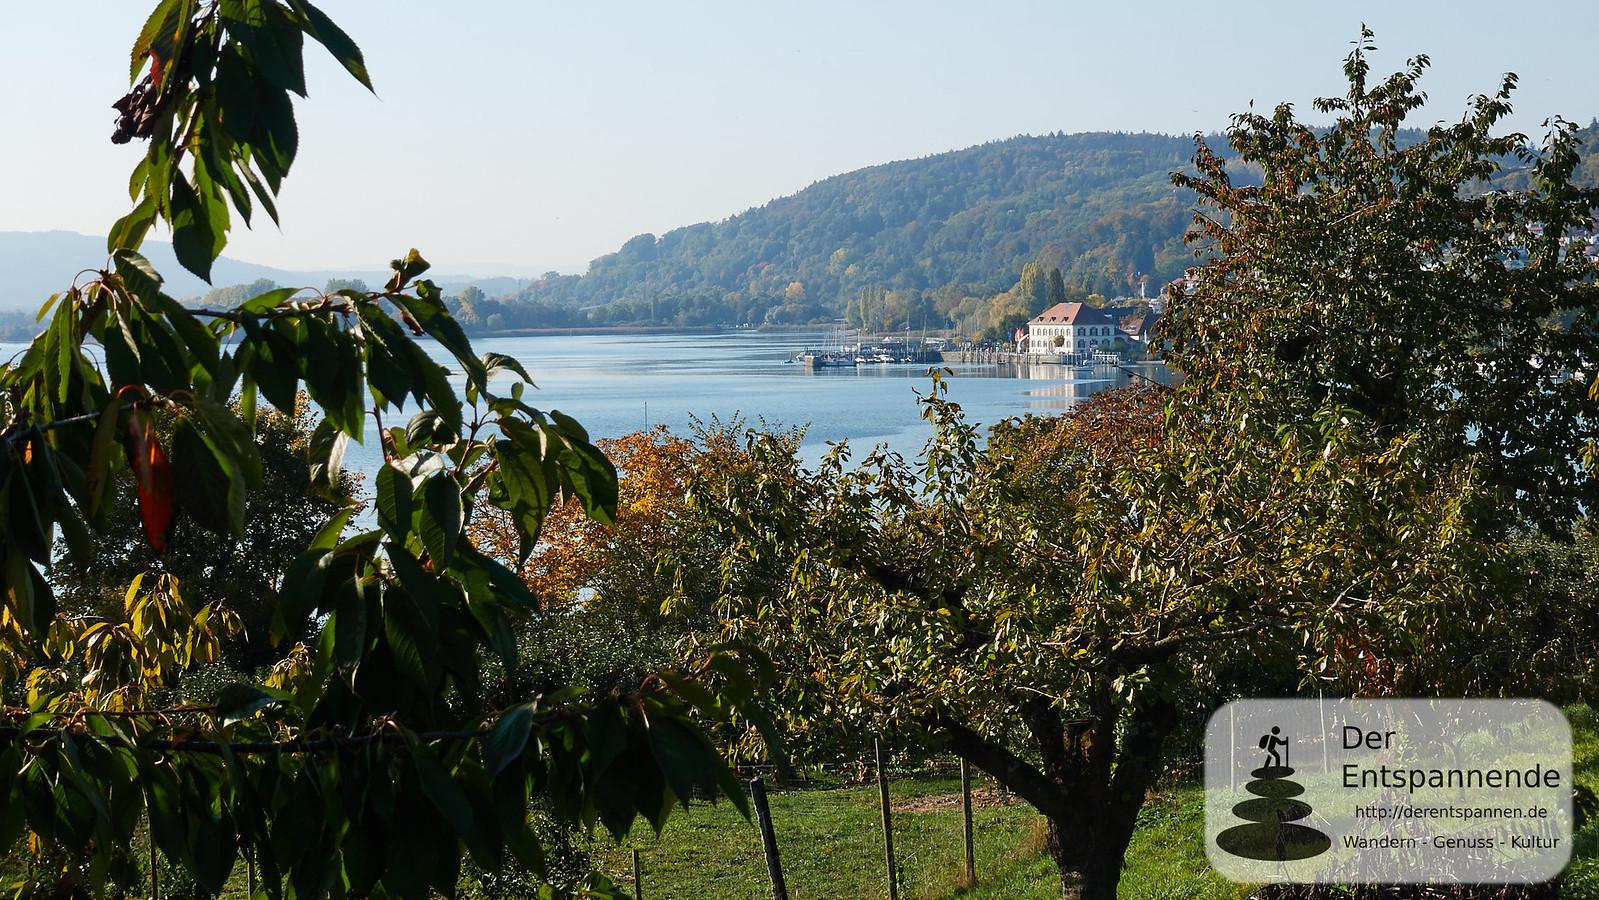 Obstplantagen bei Ludwigshafen am Bodensee